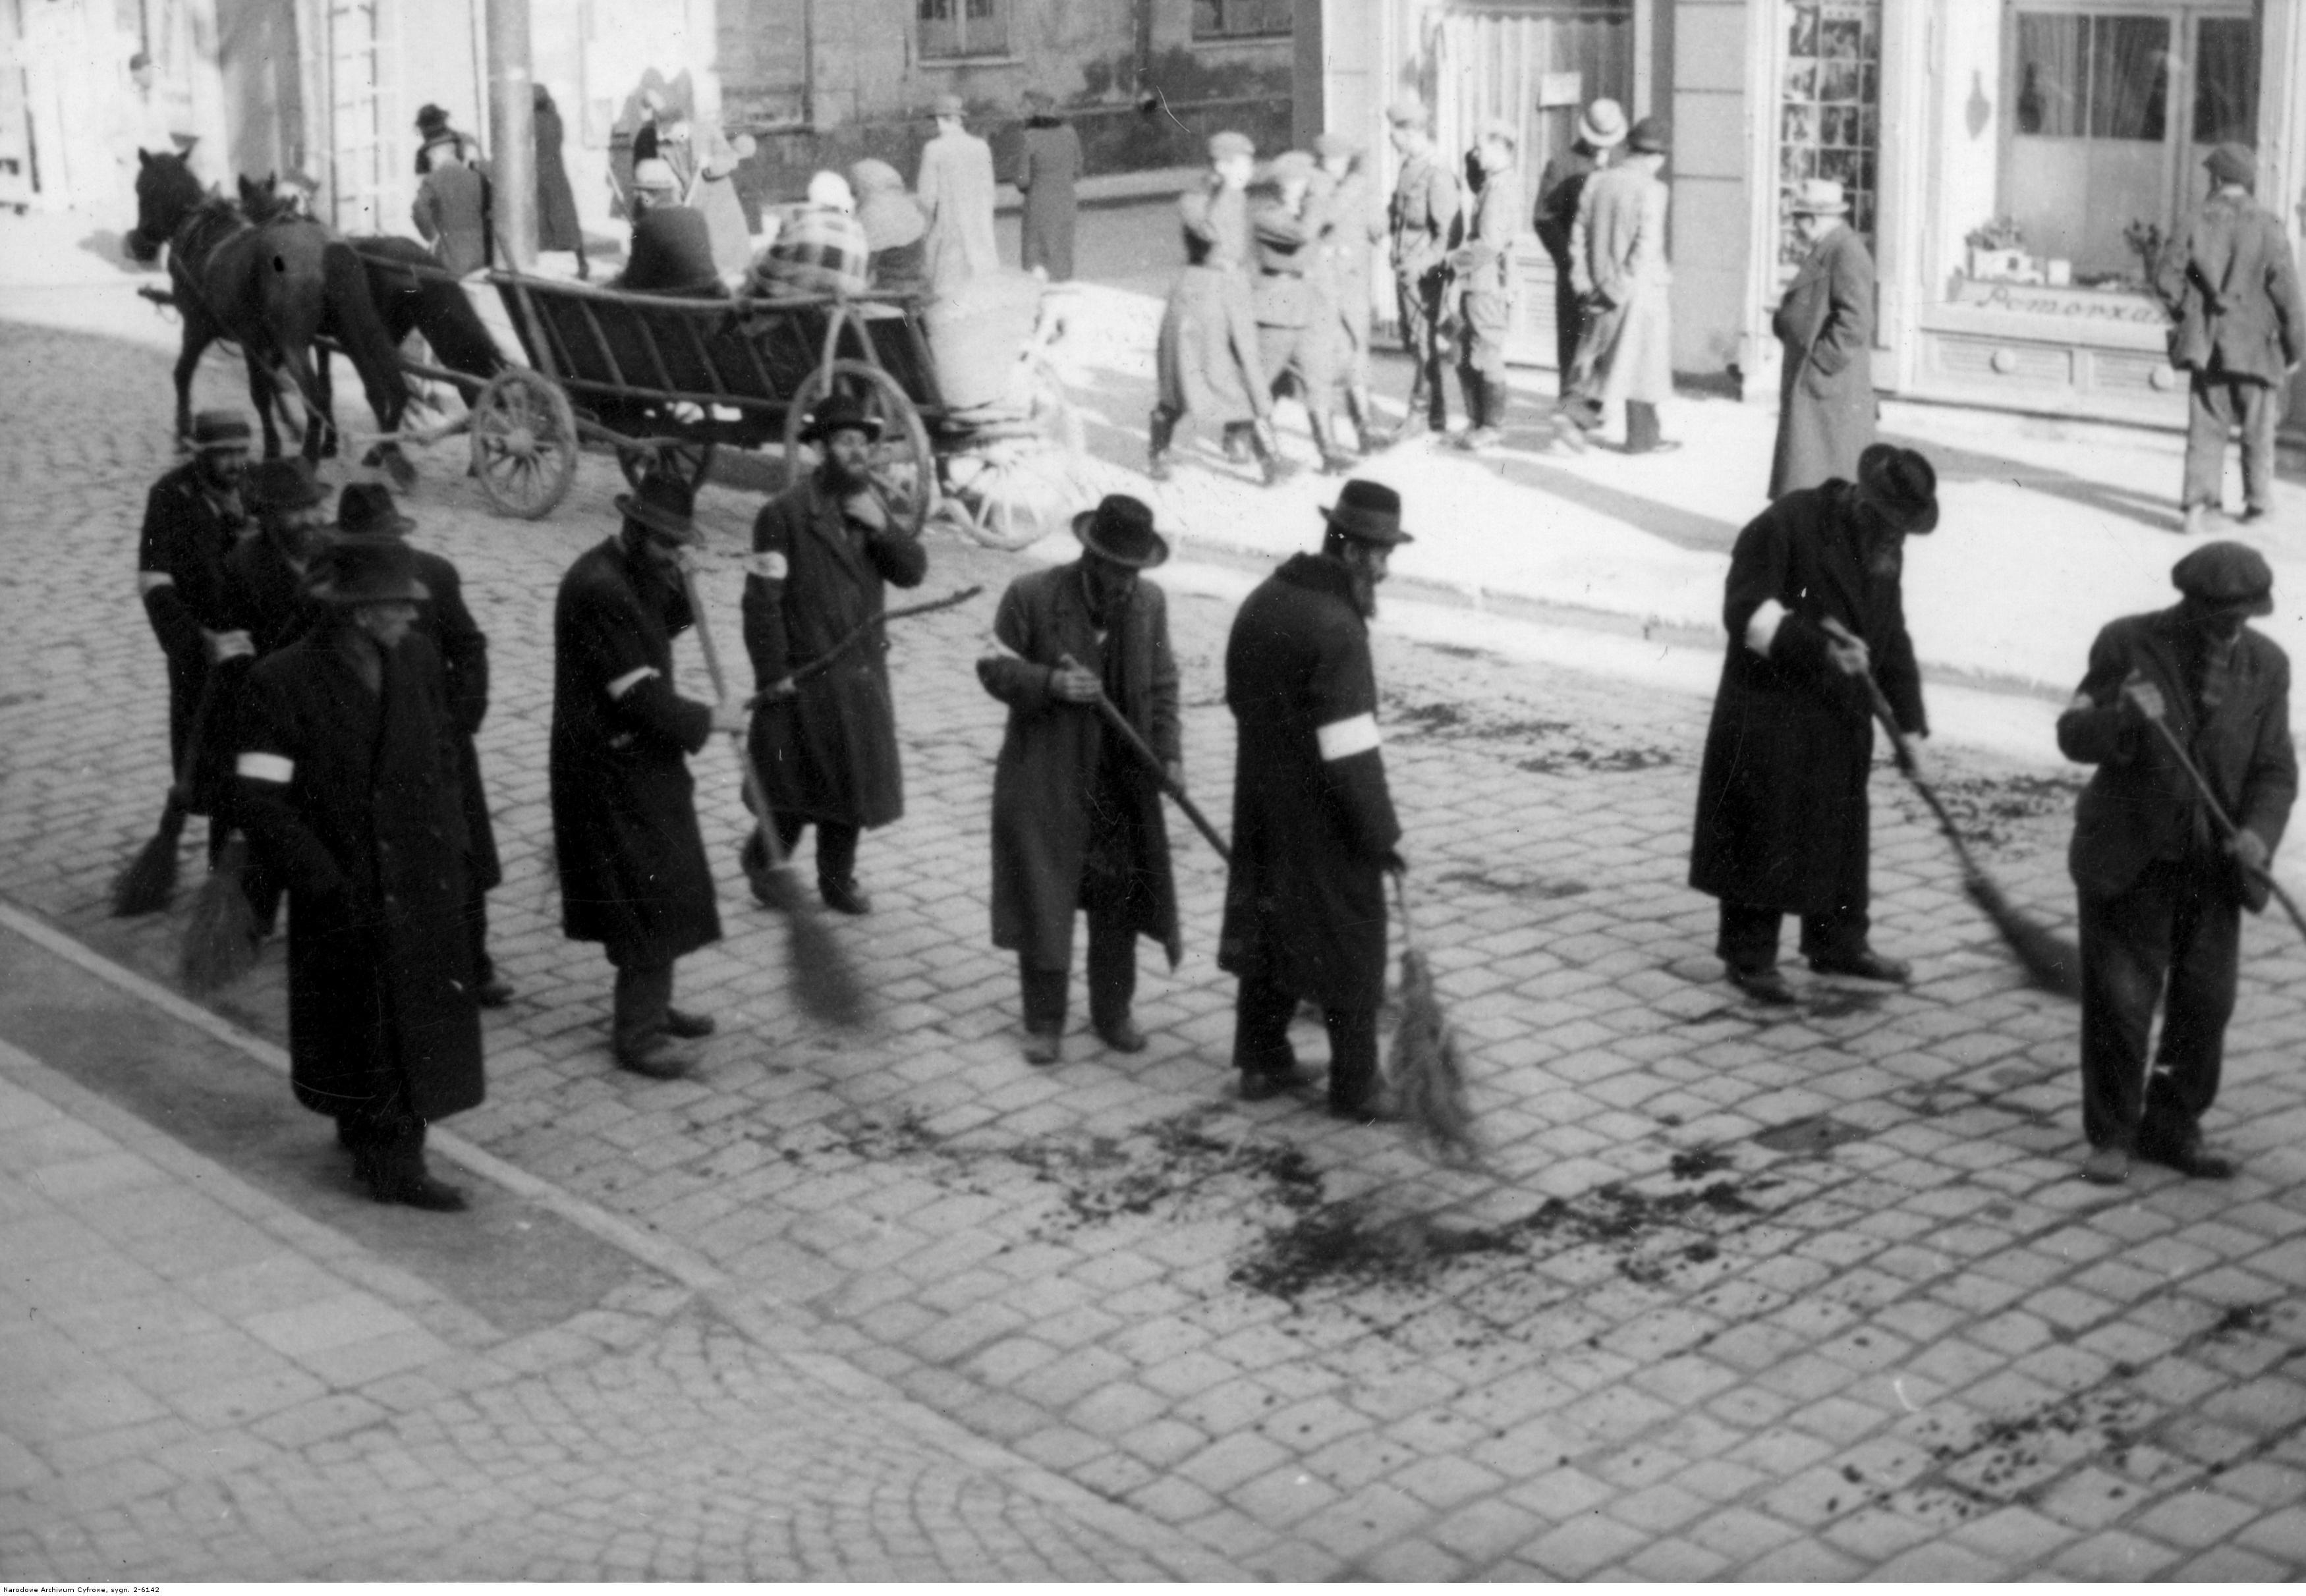 Ludność żydowska zamiata ulicę w Rzeszowie, rok 1939-45